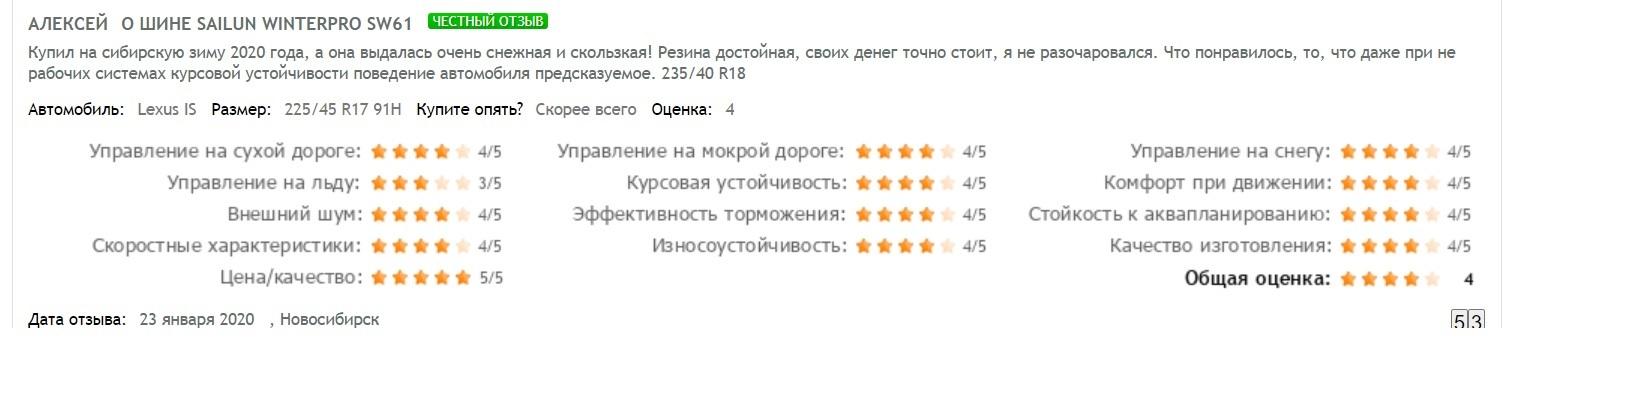 Отзыв о резине Sailun Winterpro SW61